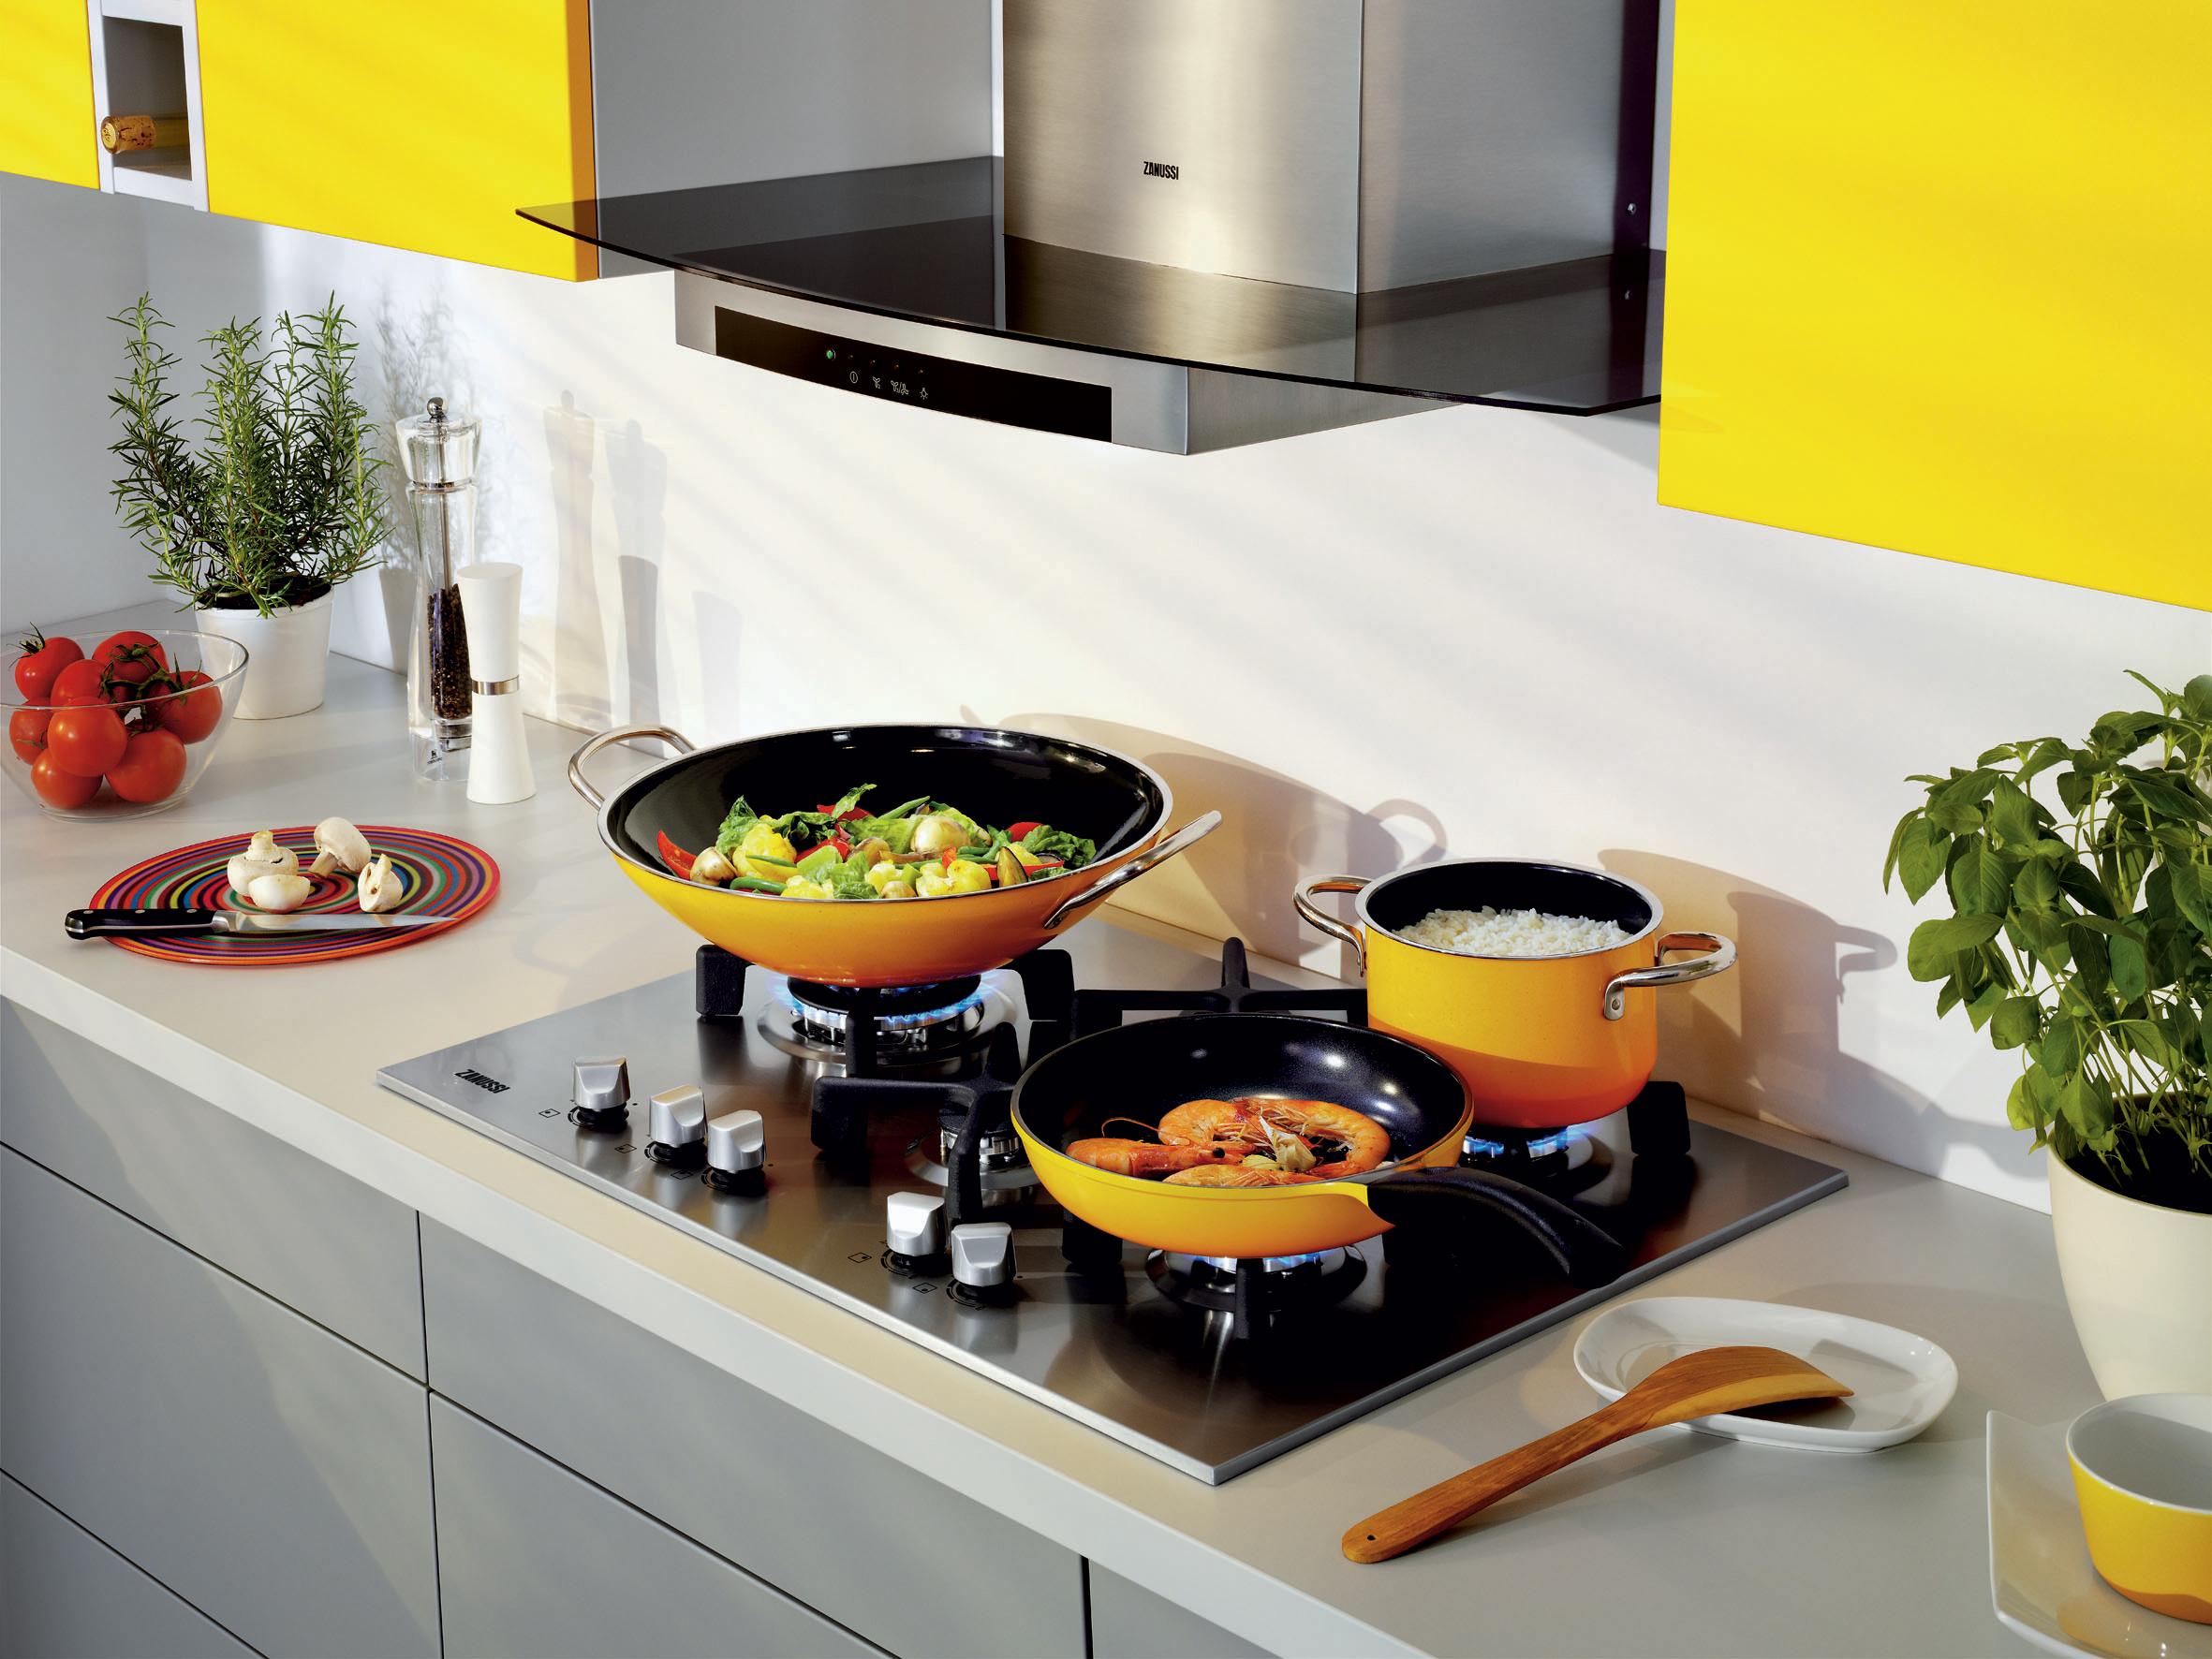 Table de cuisson au gaz et hotte Quadro de ZANUSSI